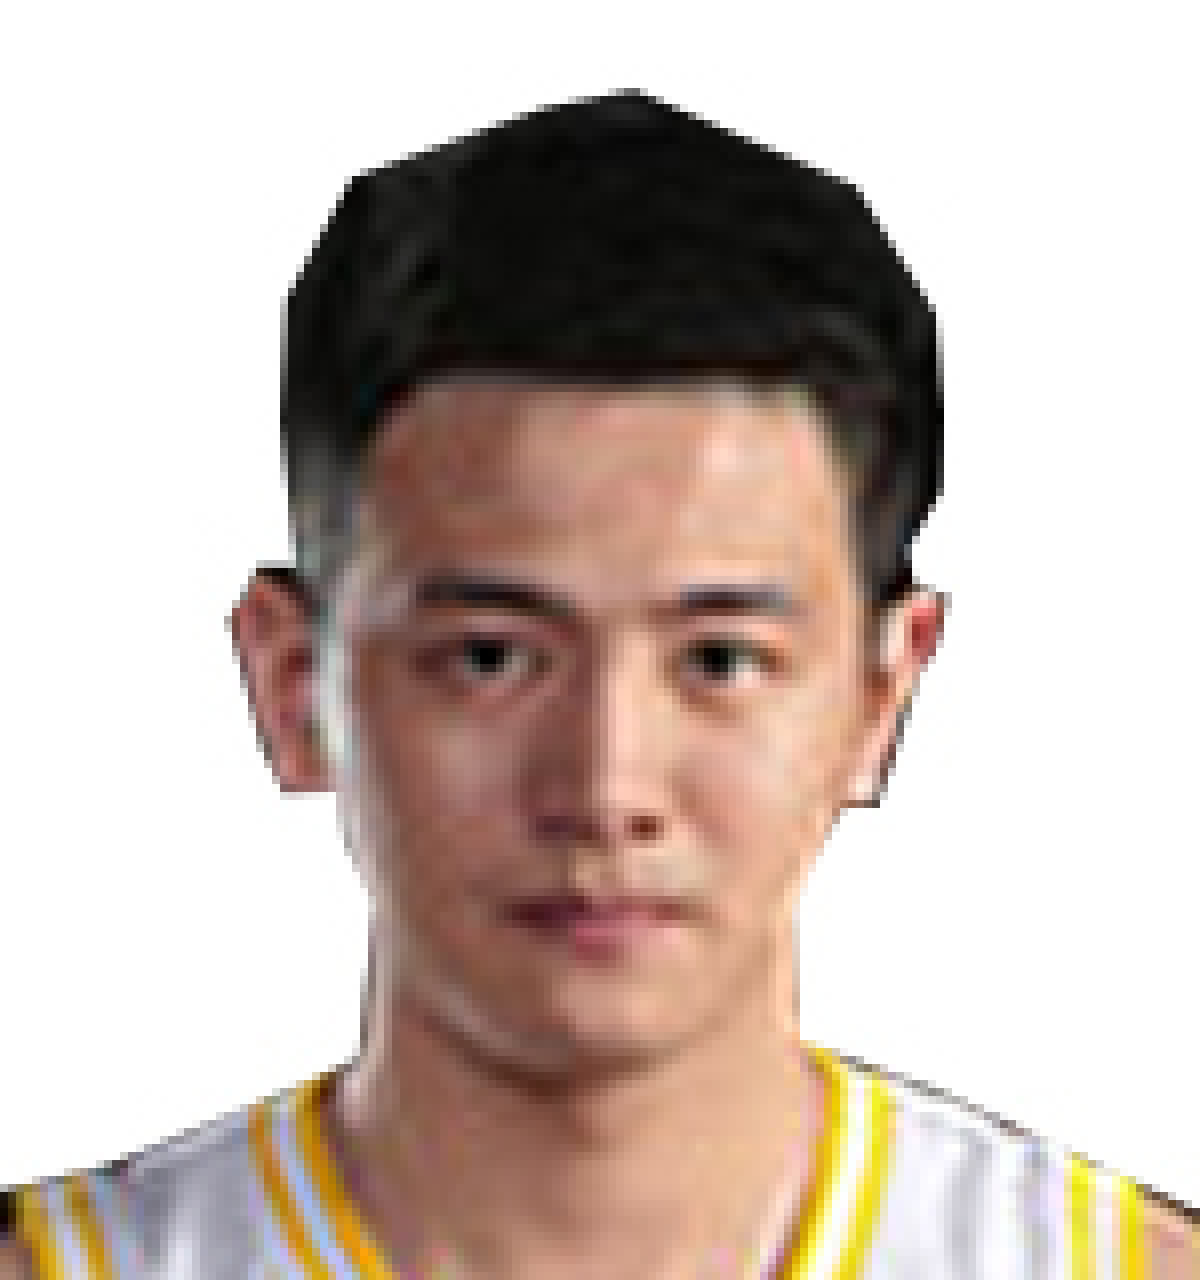 Huang Ziheng